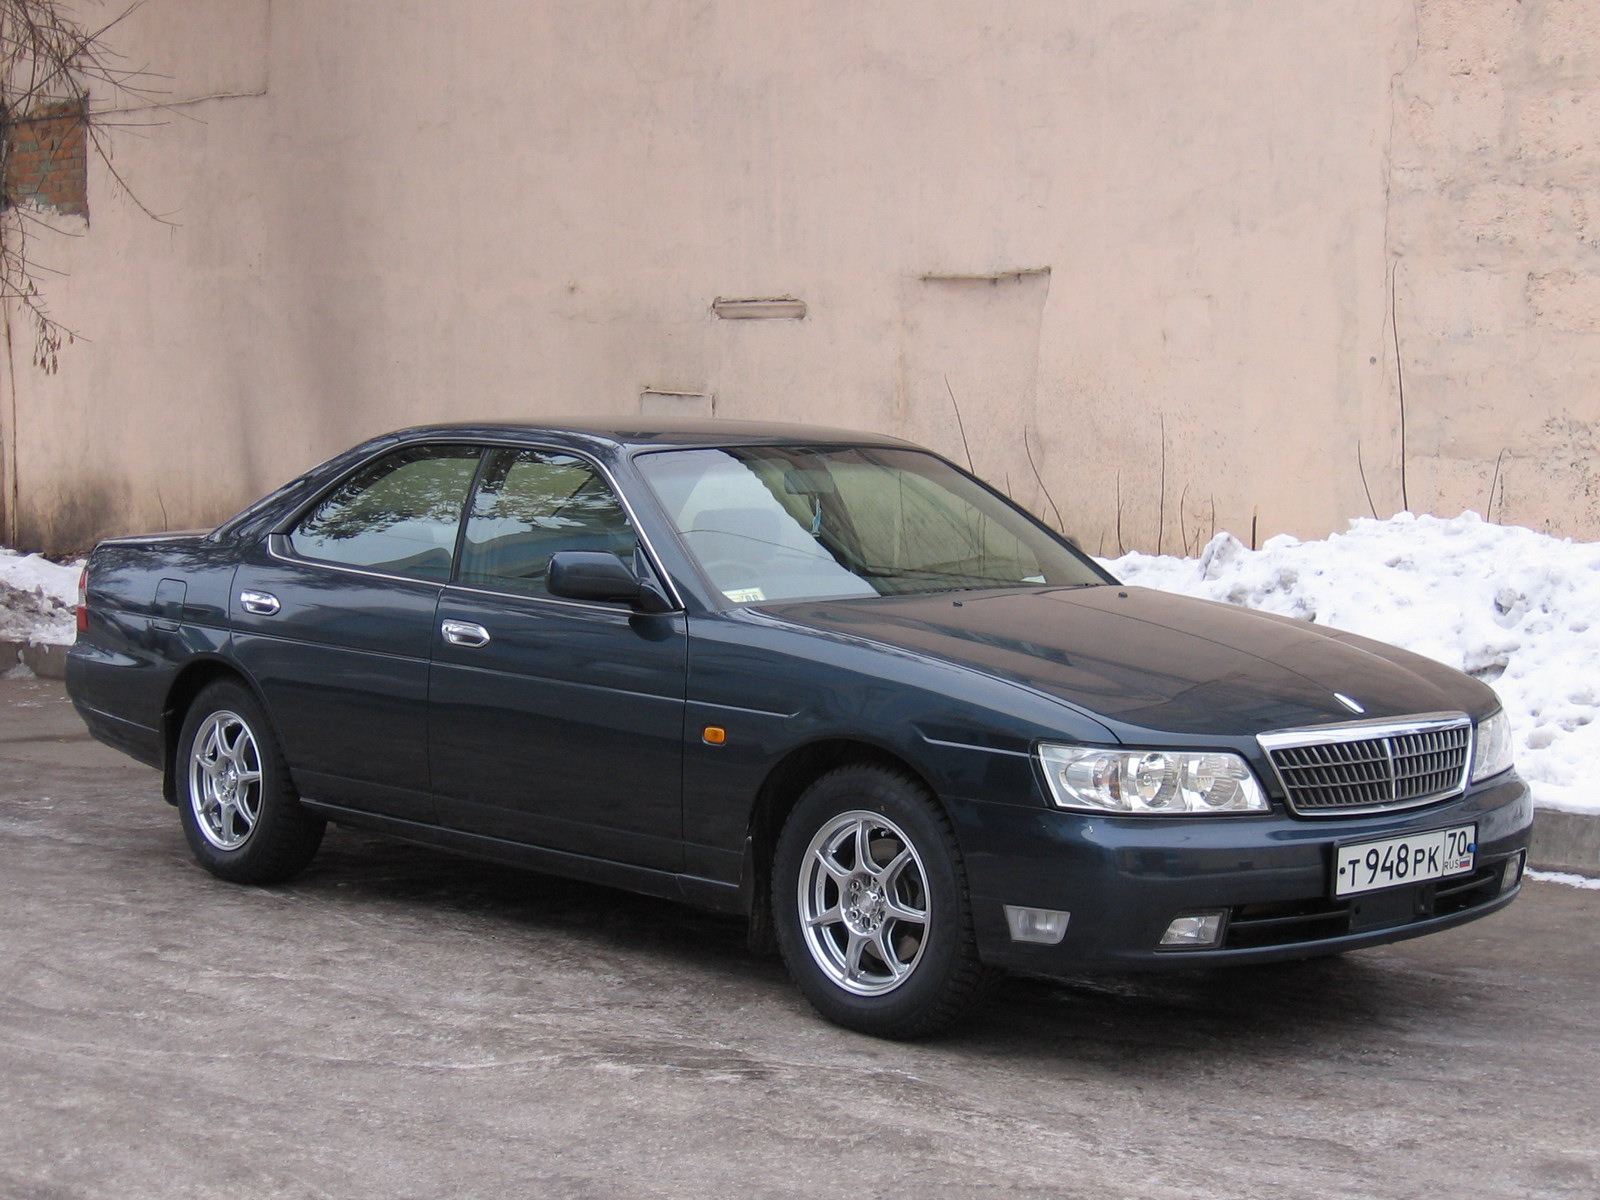 Nissan Laurel VIII (C35) 1997 - 2002 Sedan #5